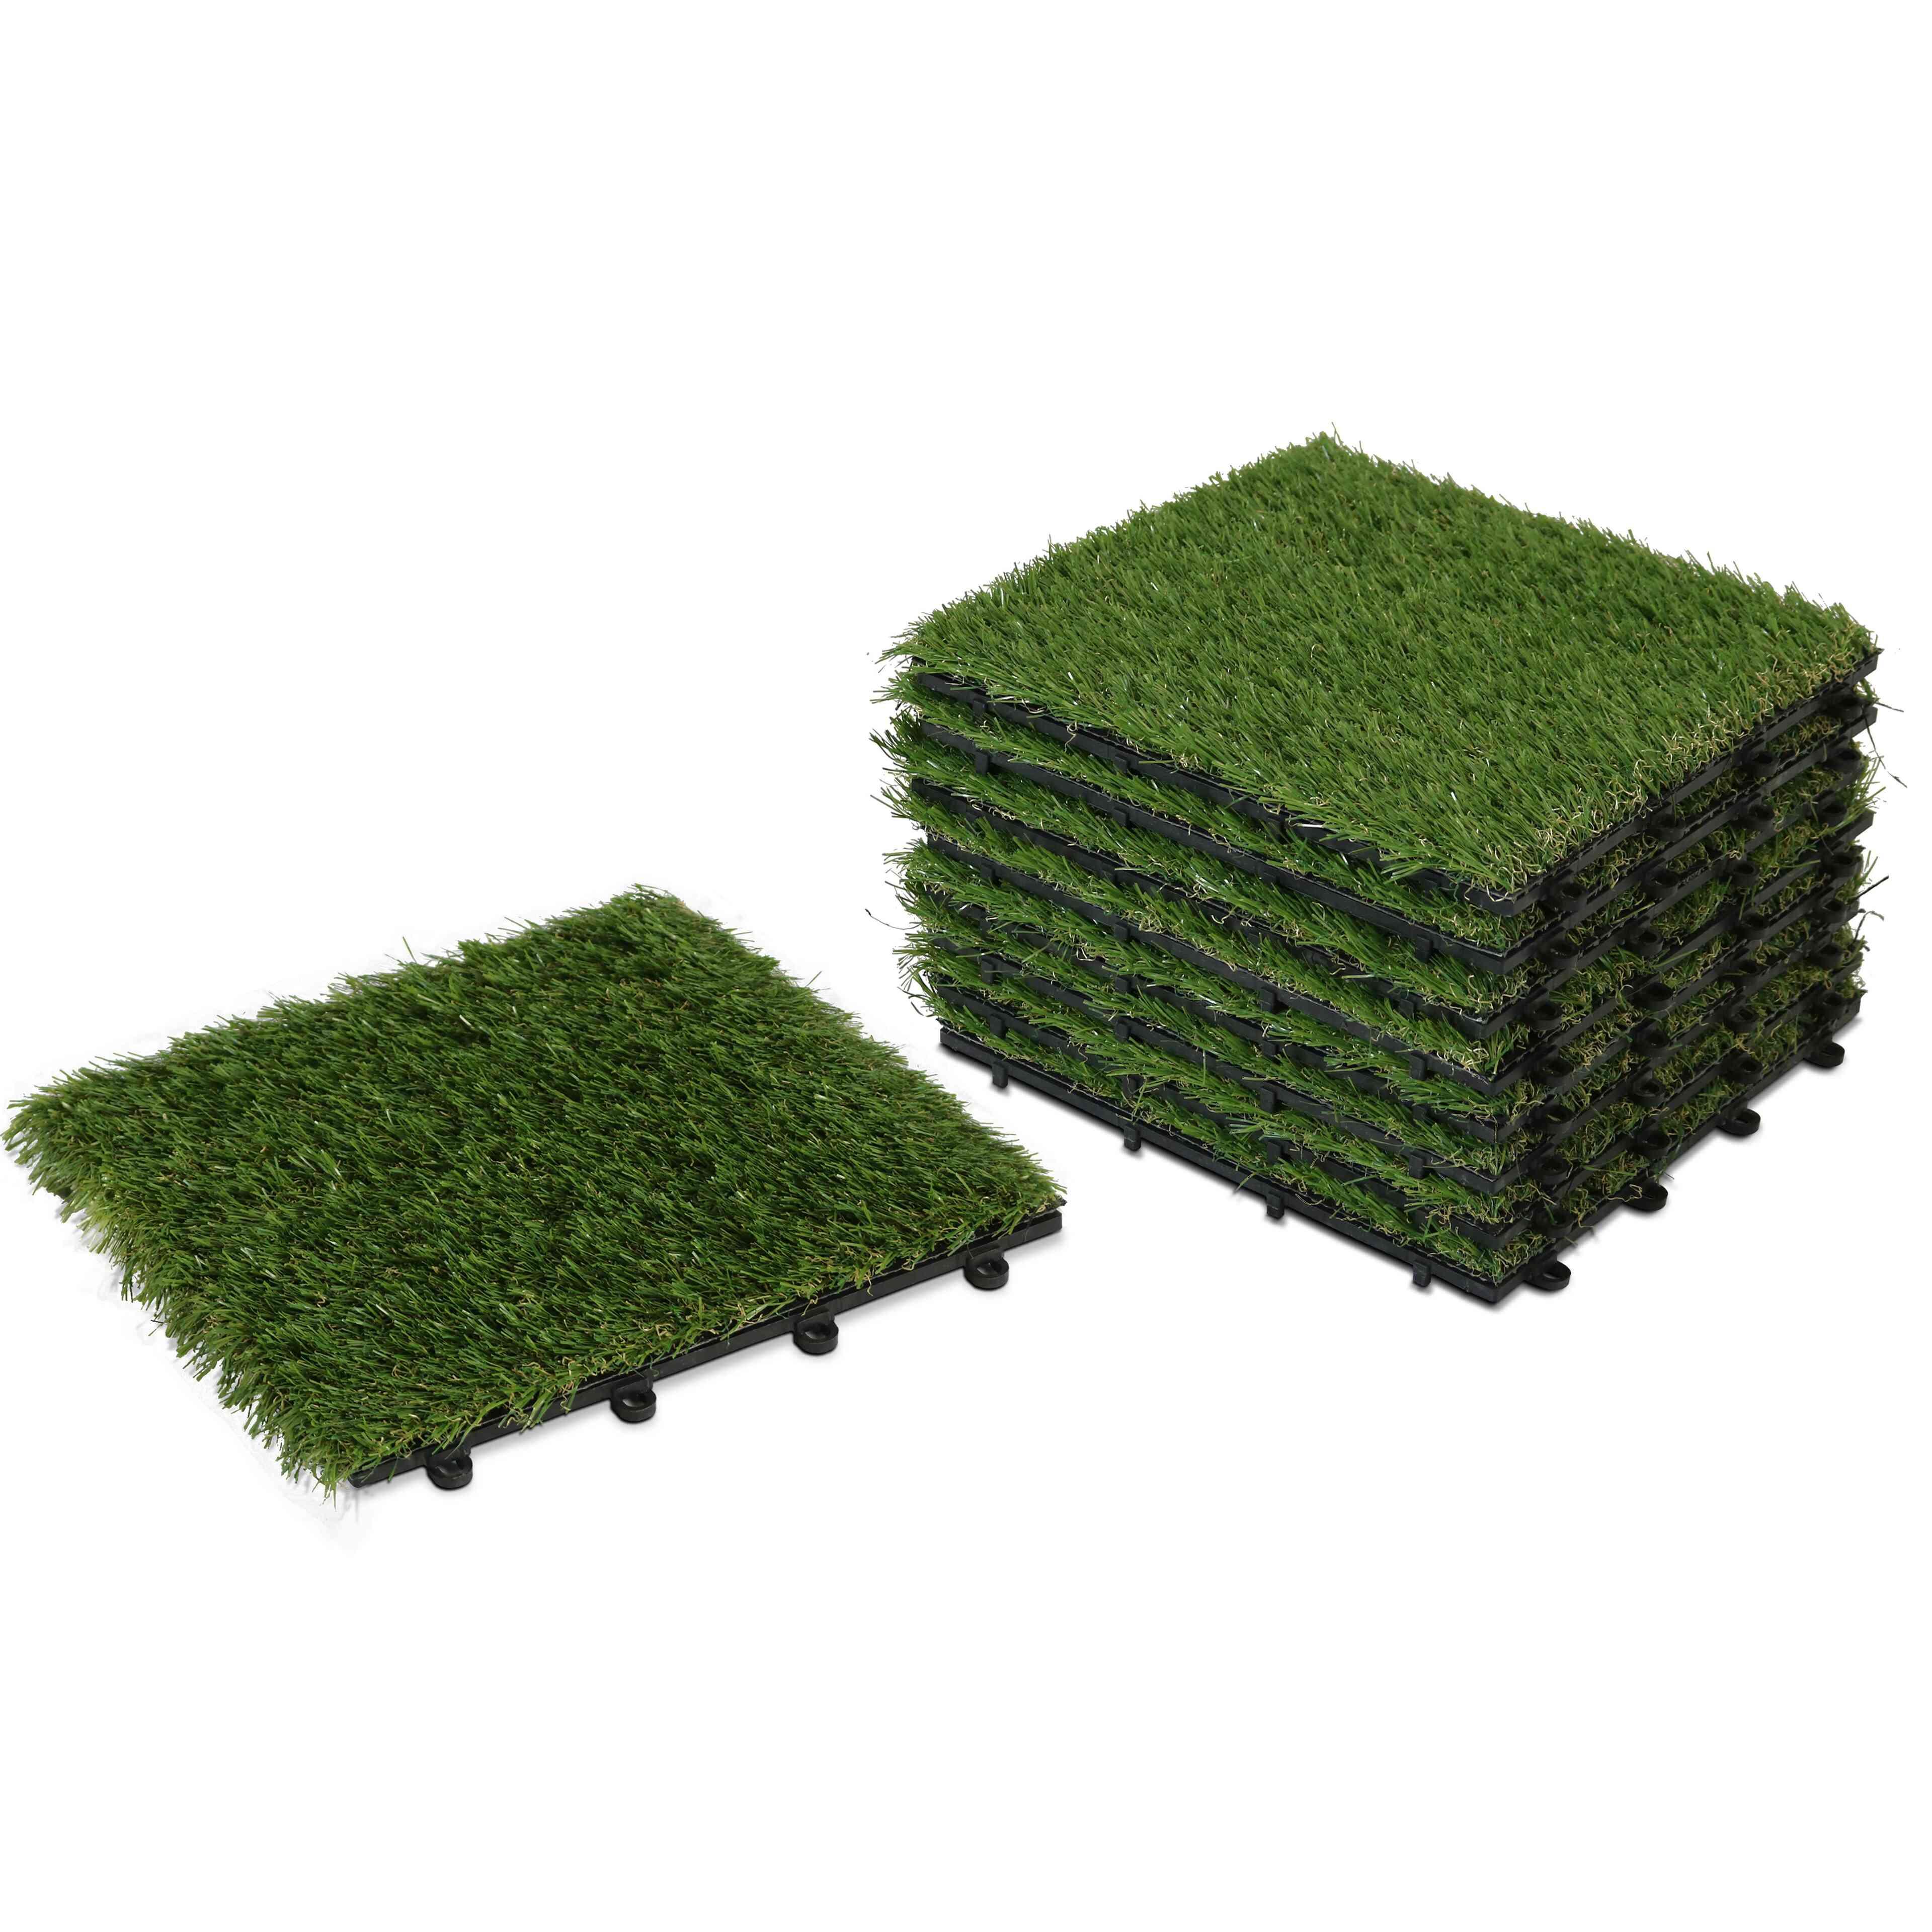 Gazon Synthetique Sur Terrasse Bois dalle clipsable gazon synthétique